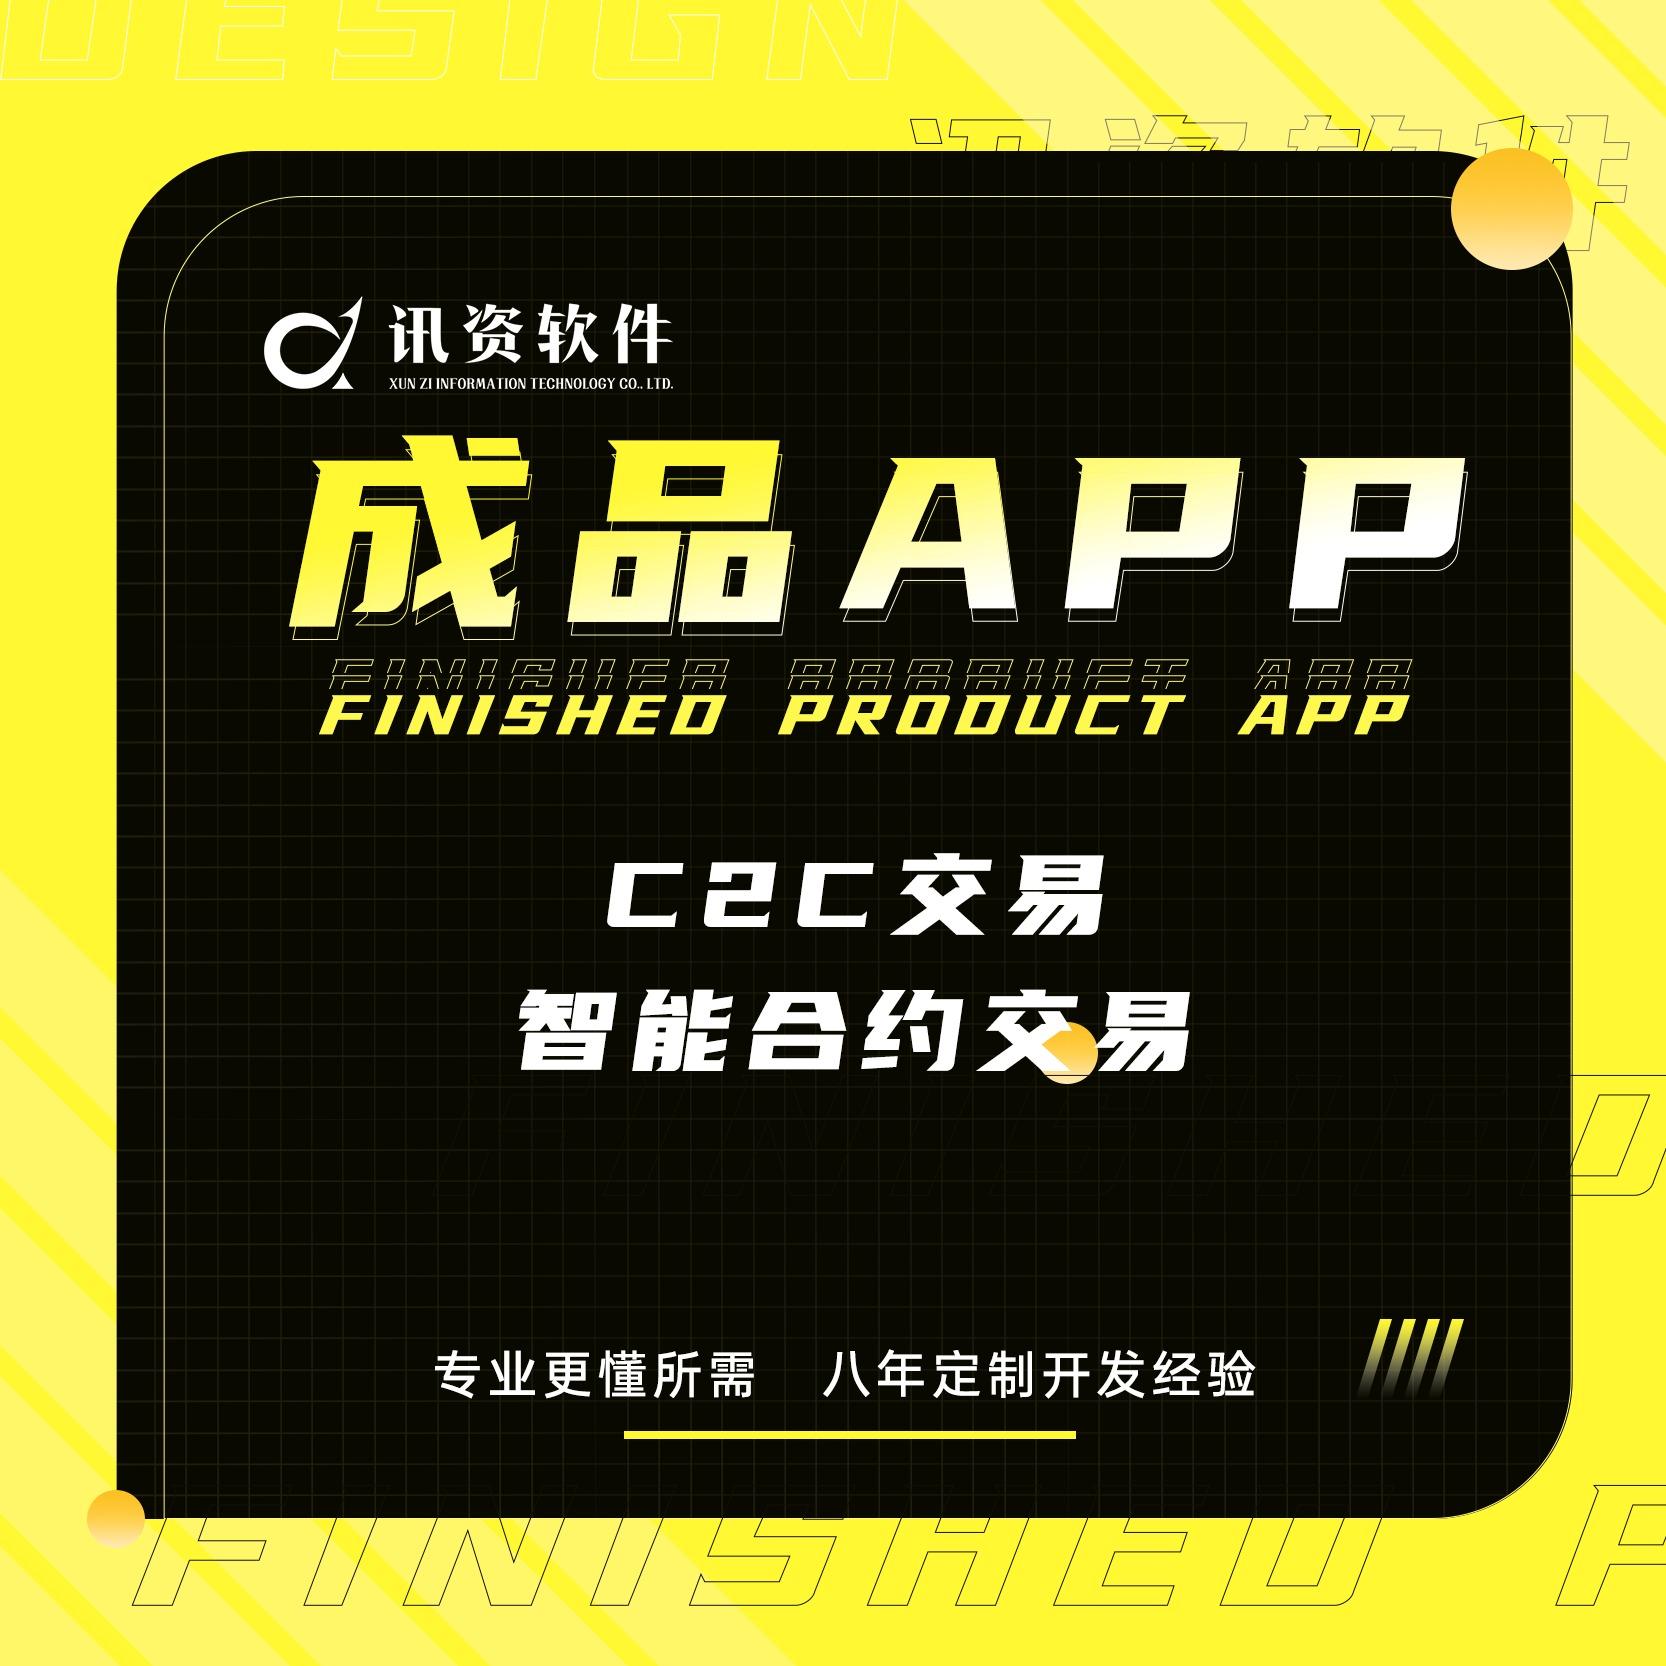 APP成品 区块链技术 C2C交易 智能合约交易 场外交易